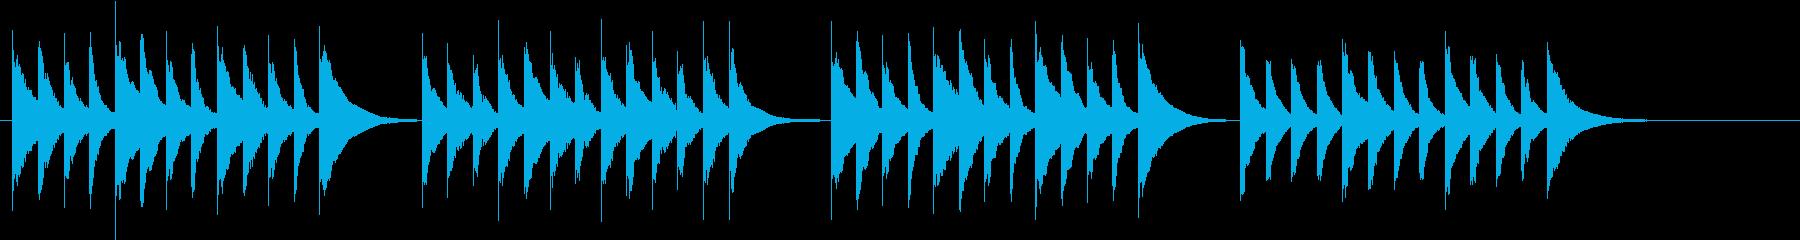 木琴の音色で作った軽快で明るい曲の再生済みの波形